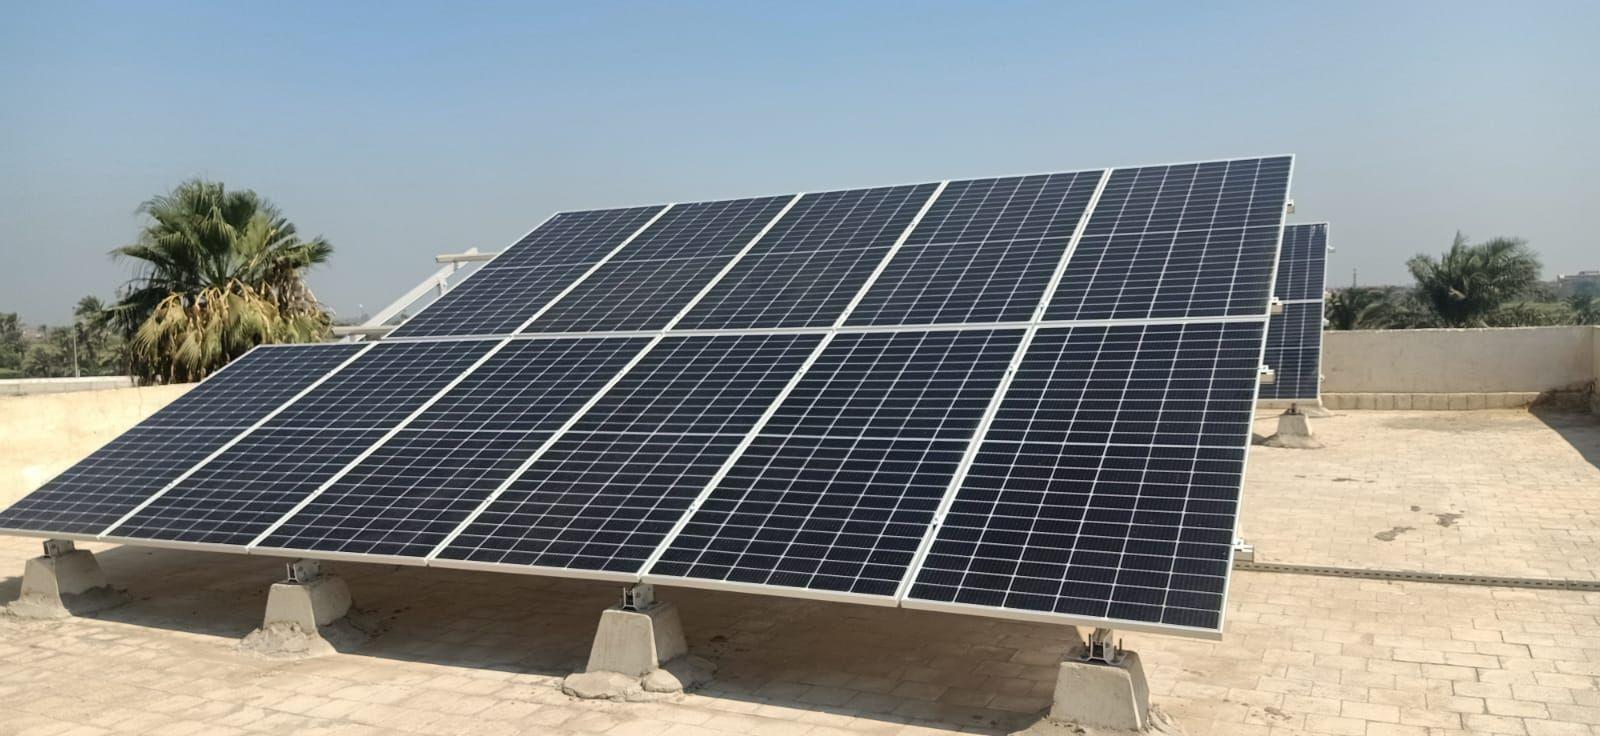 محطات طاقة شمسية بدوواين المحافظات